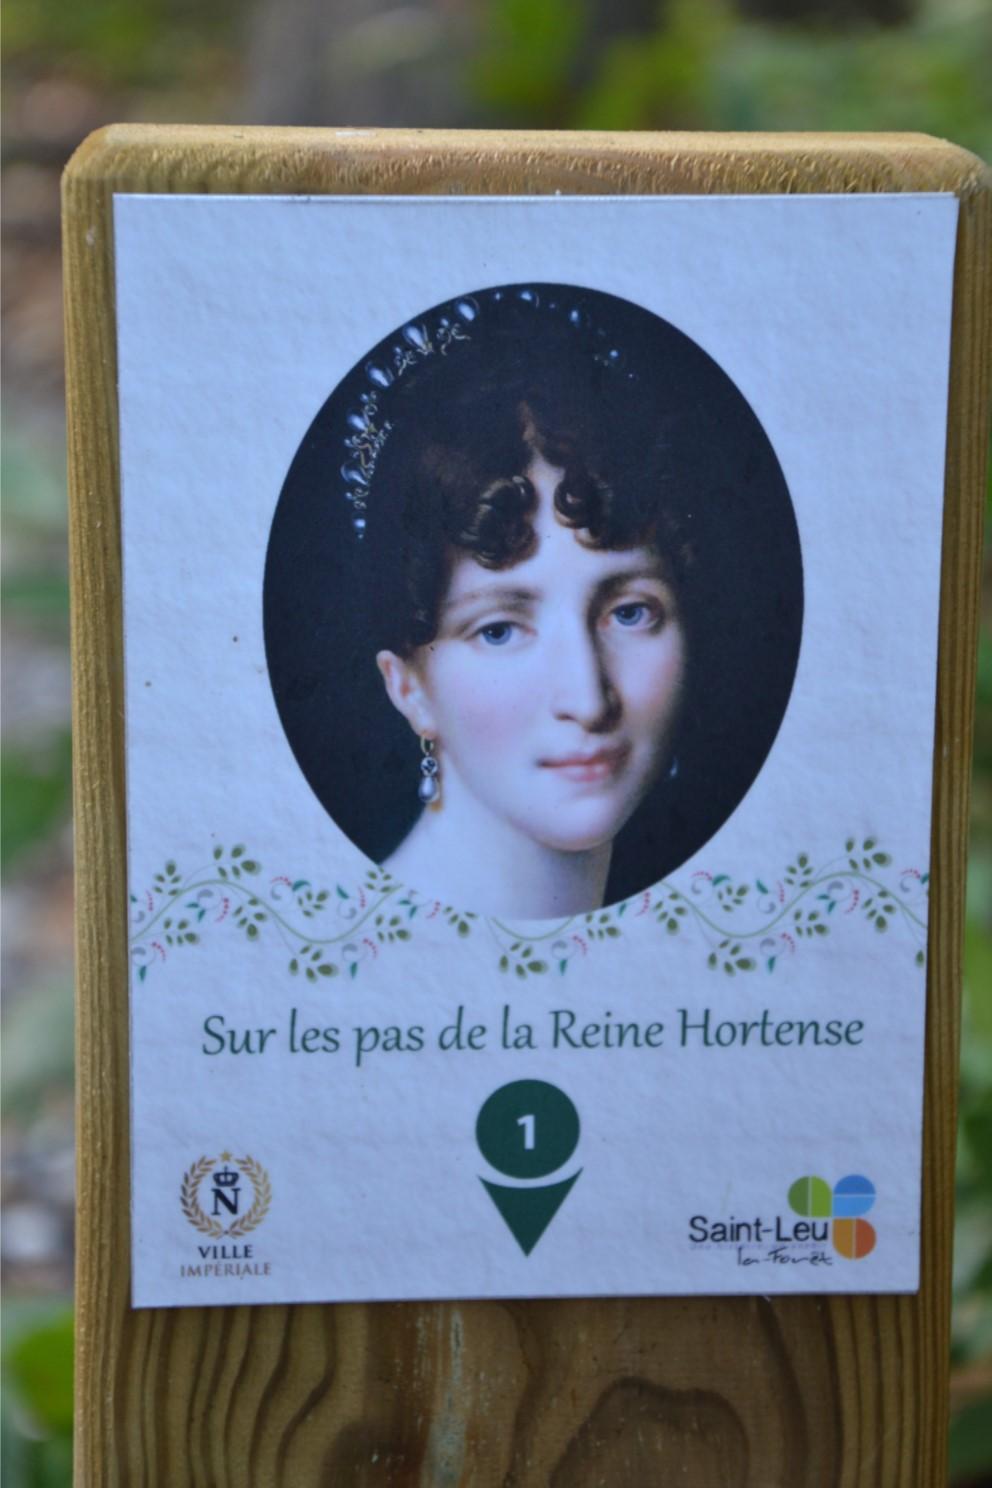 Sur les pas de la Reine Hortense